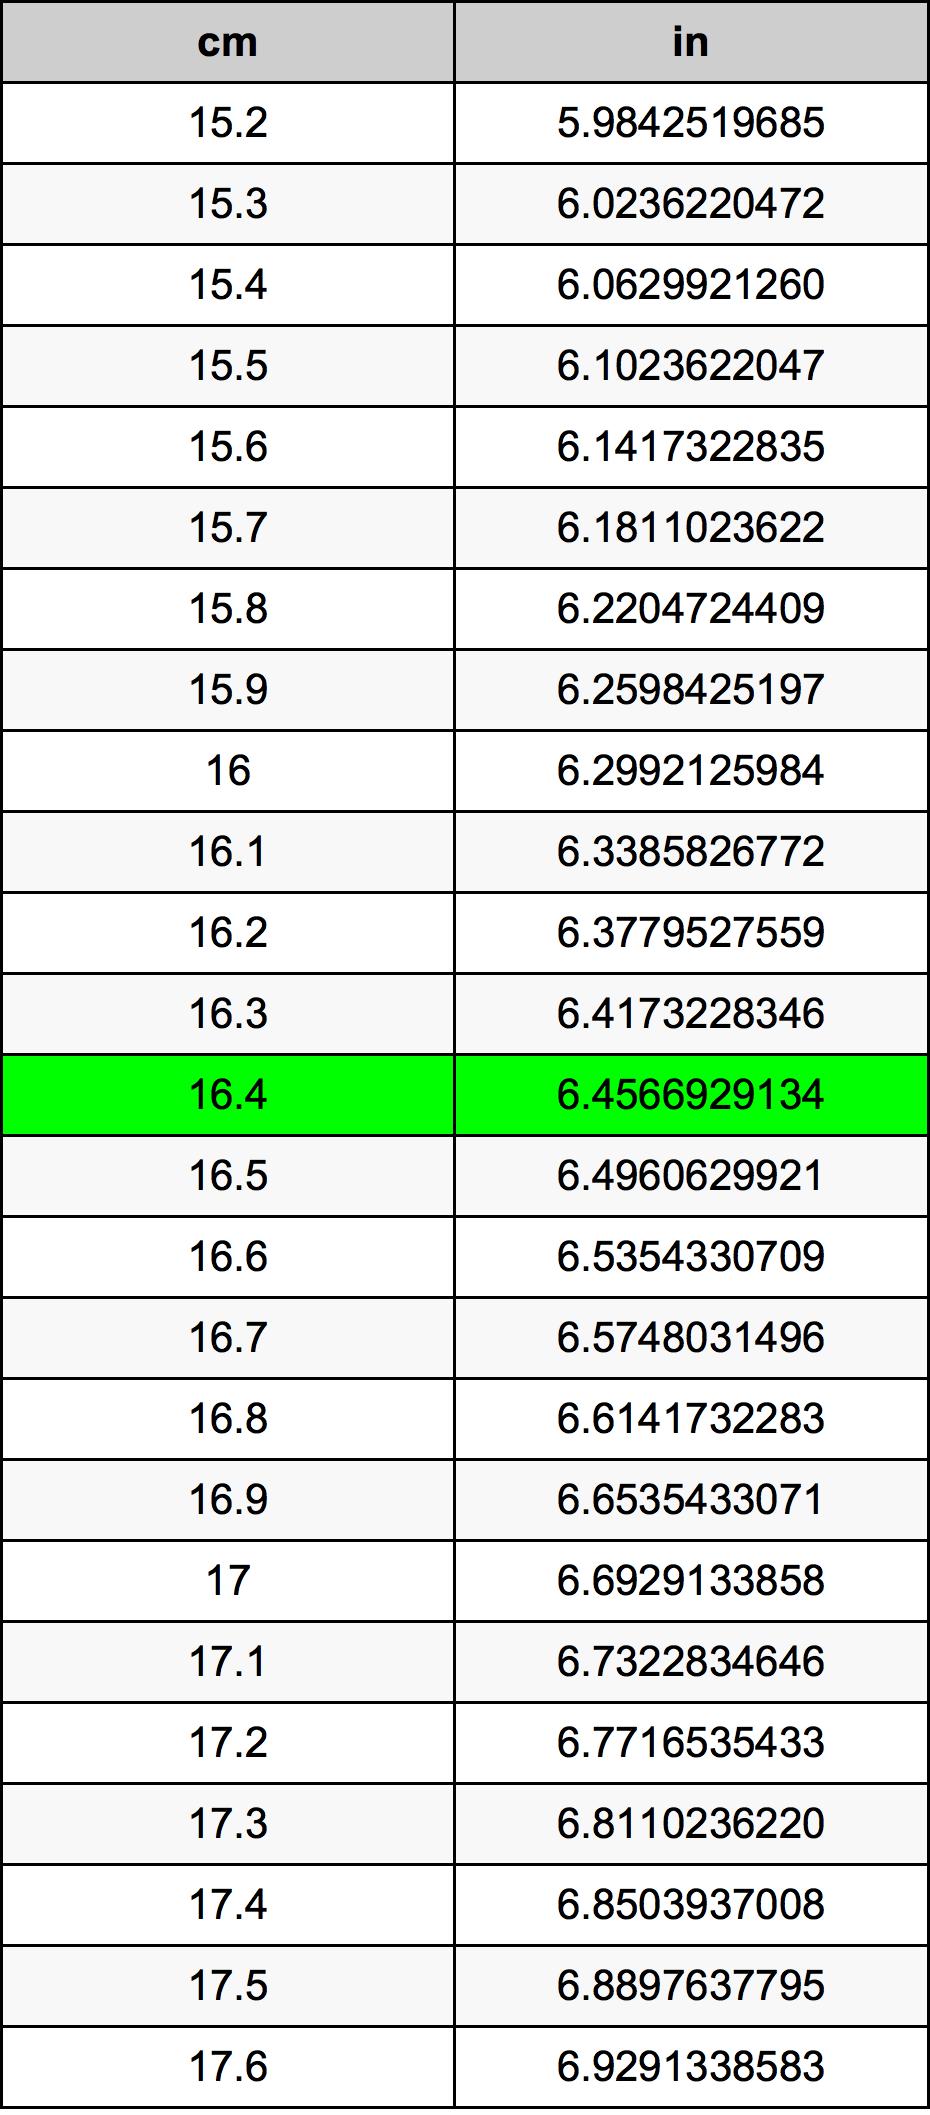 16.4 Zentimeter Umrechnungstabelle